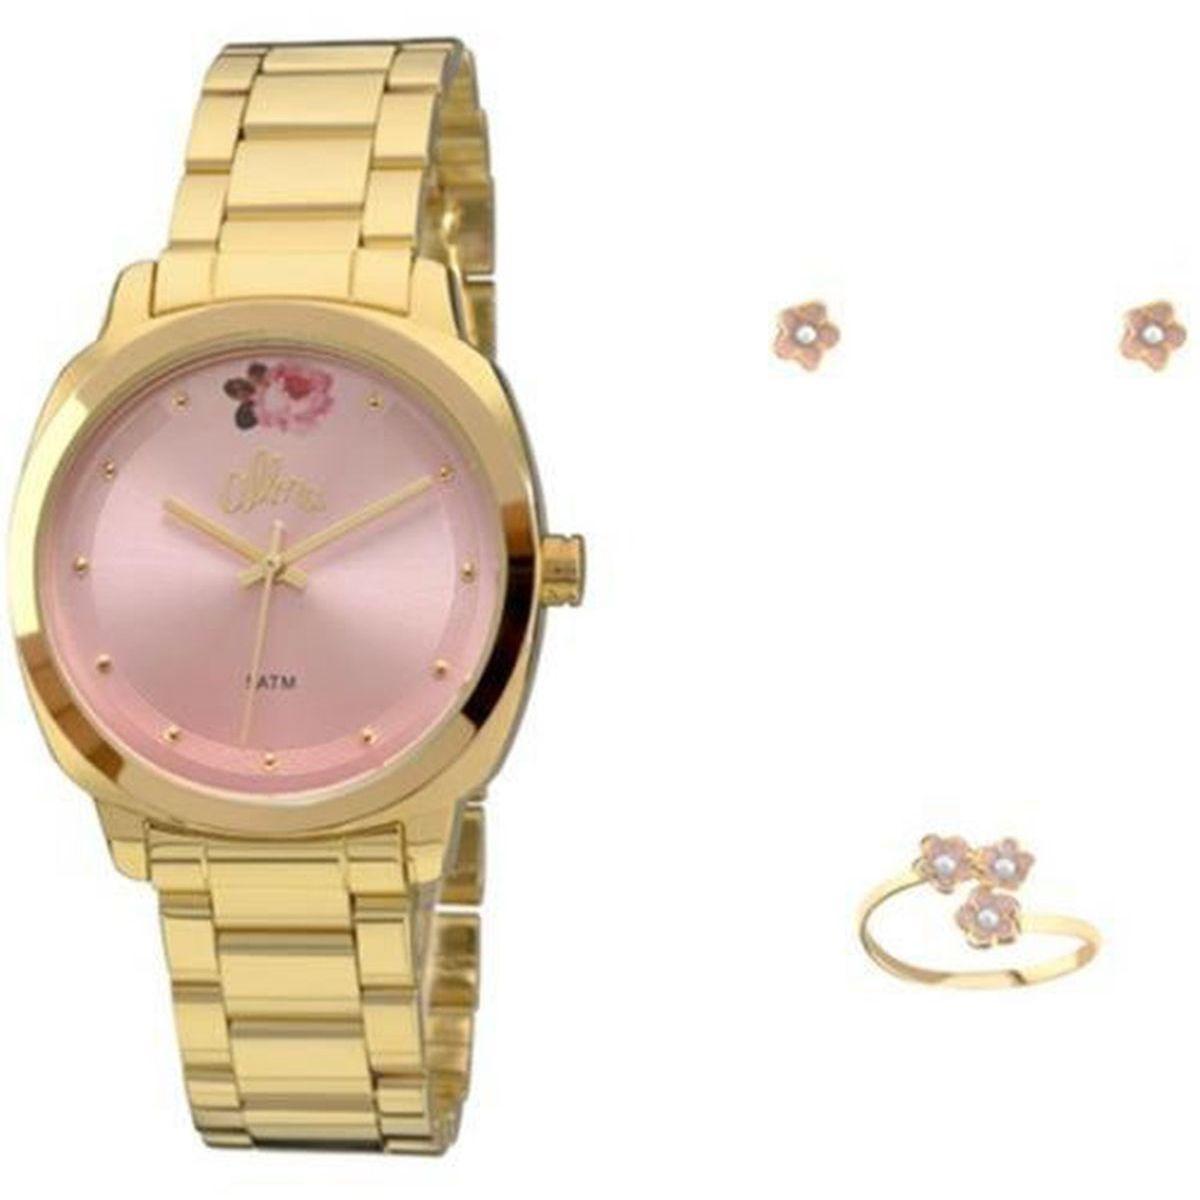 aab91a23655 Relogio Feminino Allora Analogico Fashion - Al2035fai k4t + Folheado 18k -  Dourado Produto não disponível